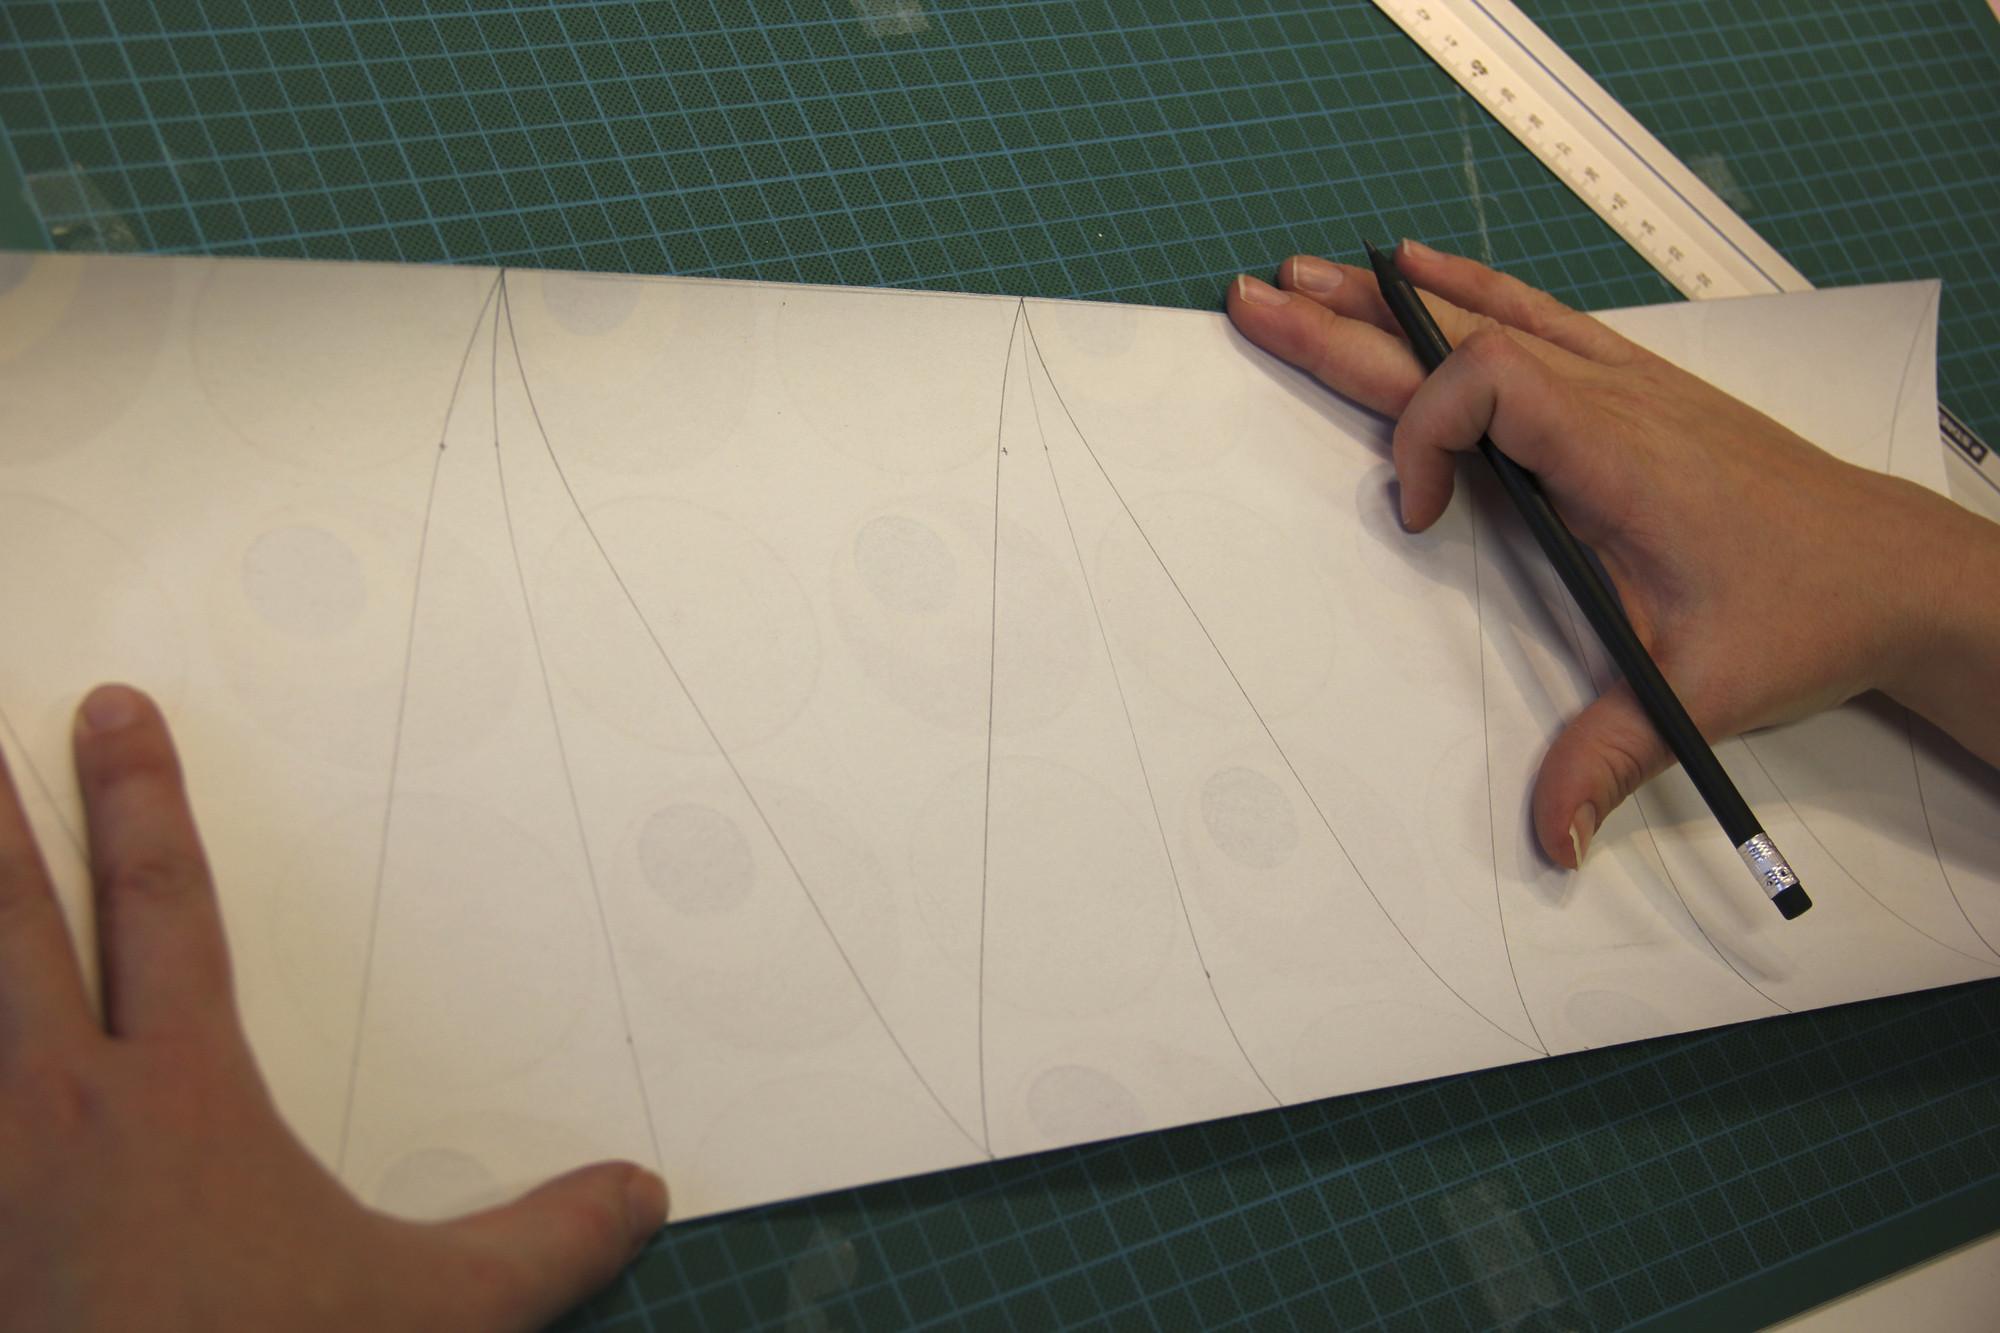 Driehoeken uittekenen voor slinger